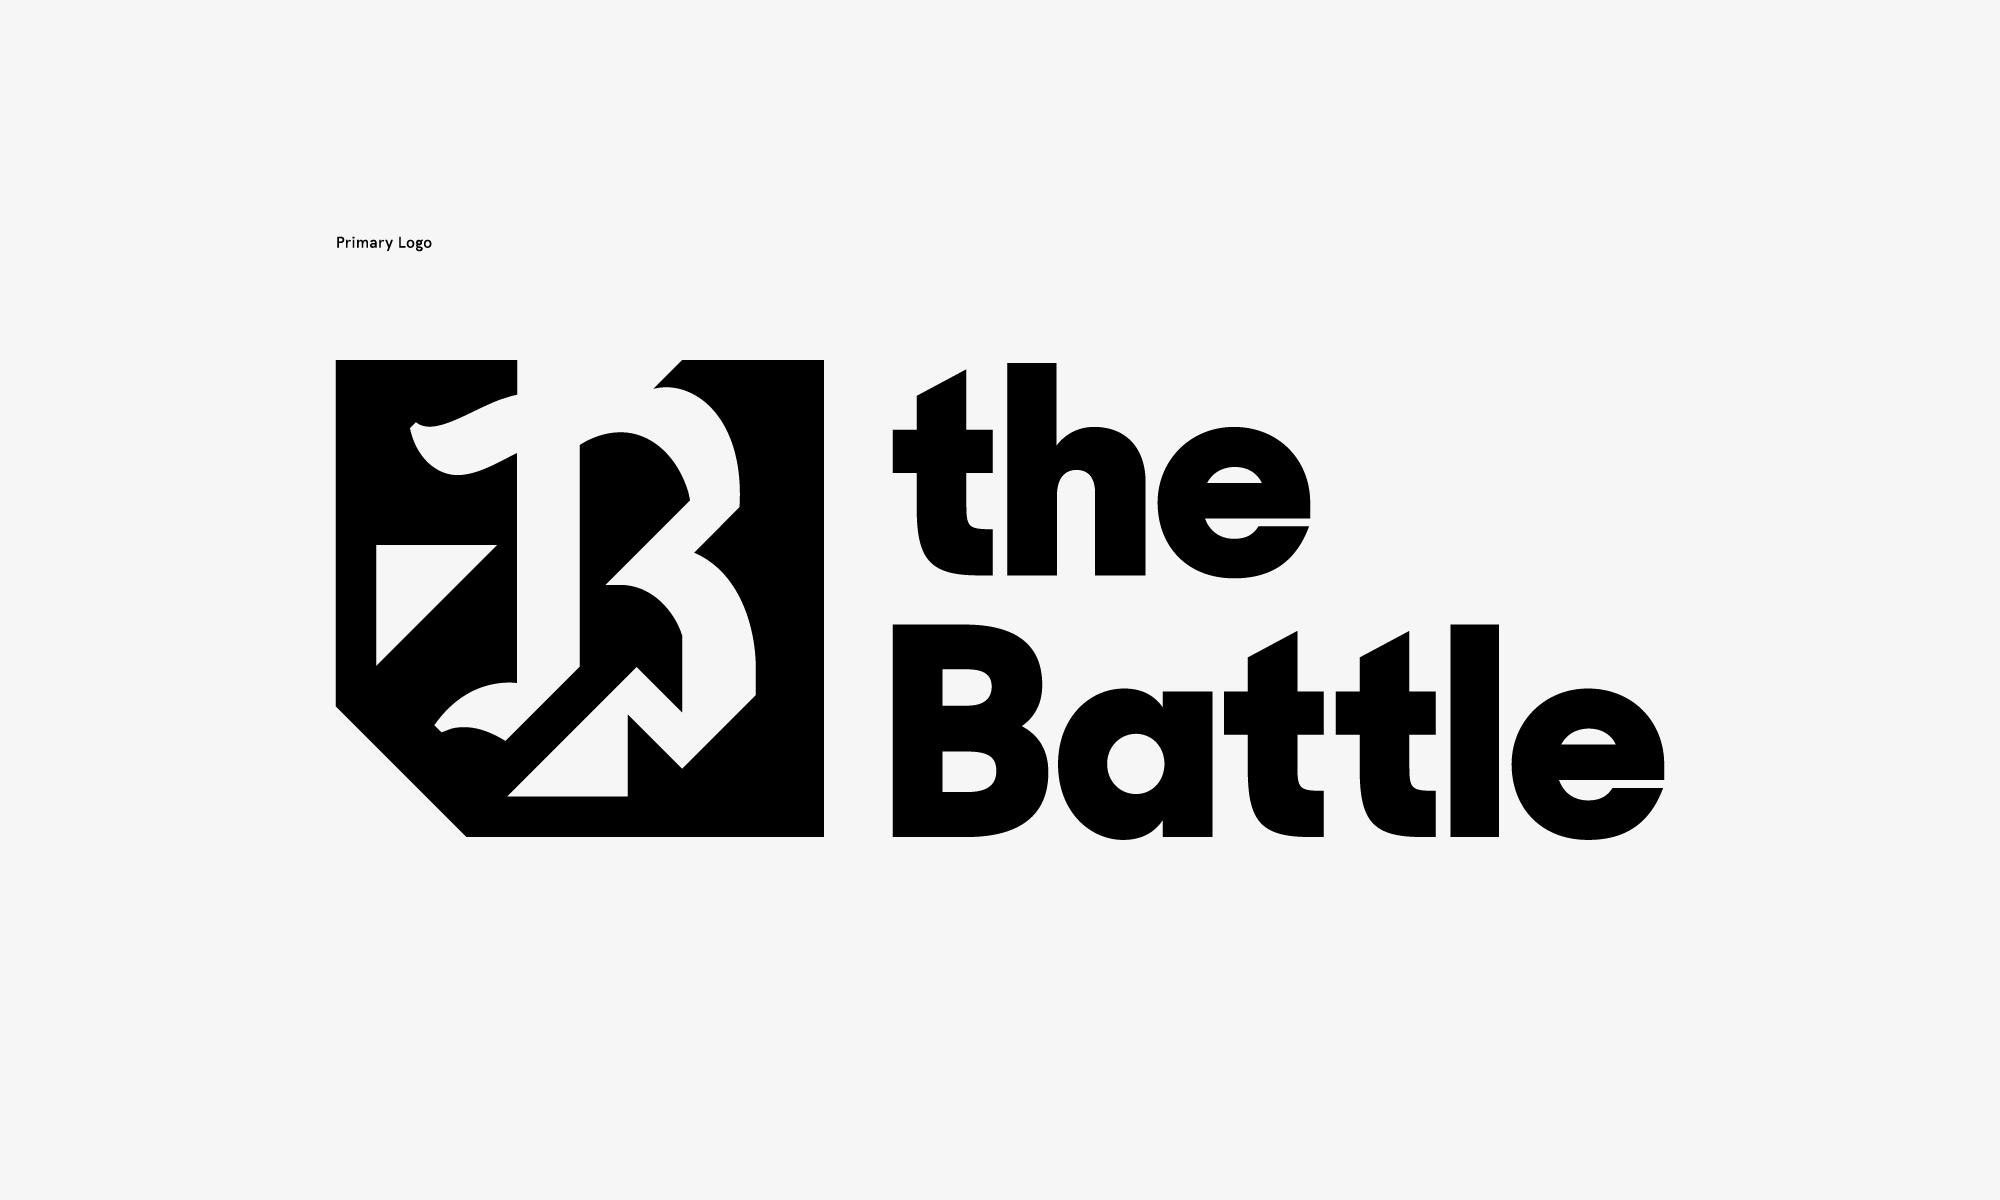 The_Battle_Web_Assets_01Asset 33.jpg